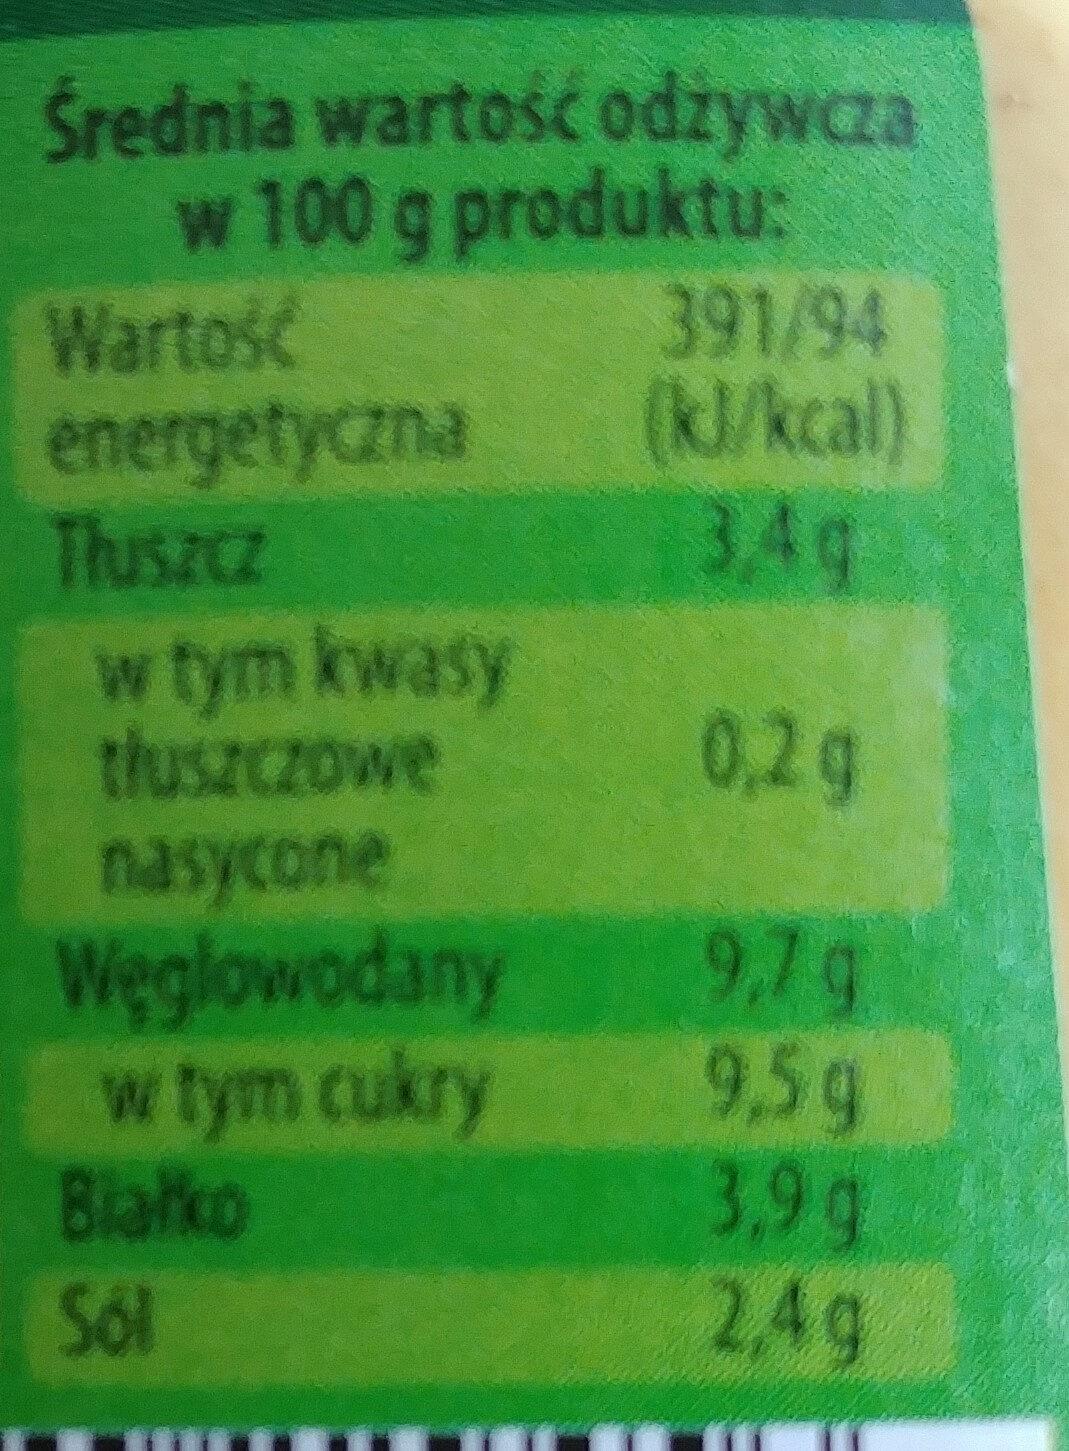 Musztarda delikatesowa - Wartości odżywcze - pl